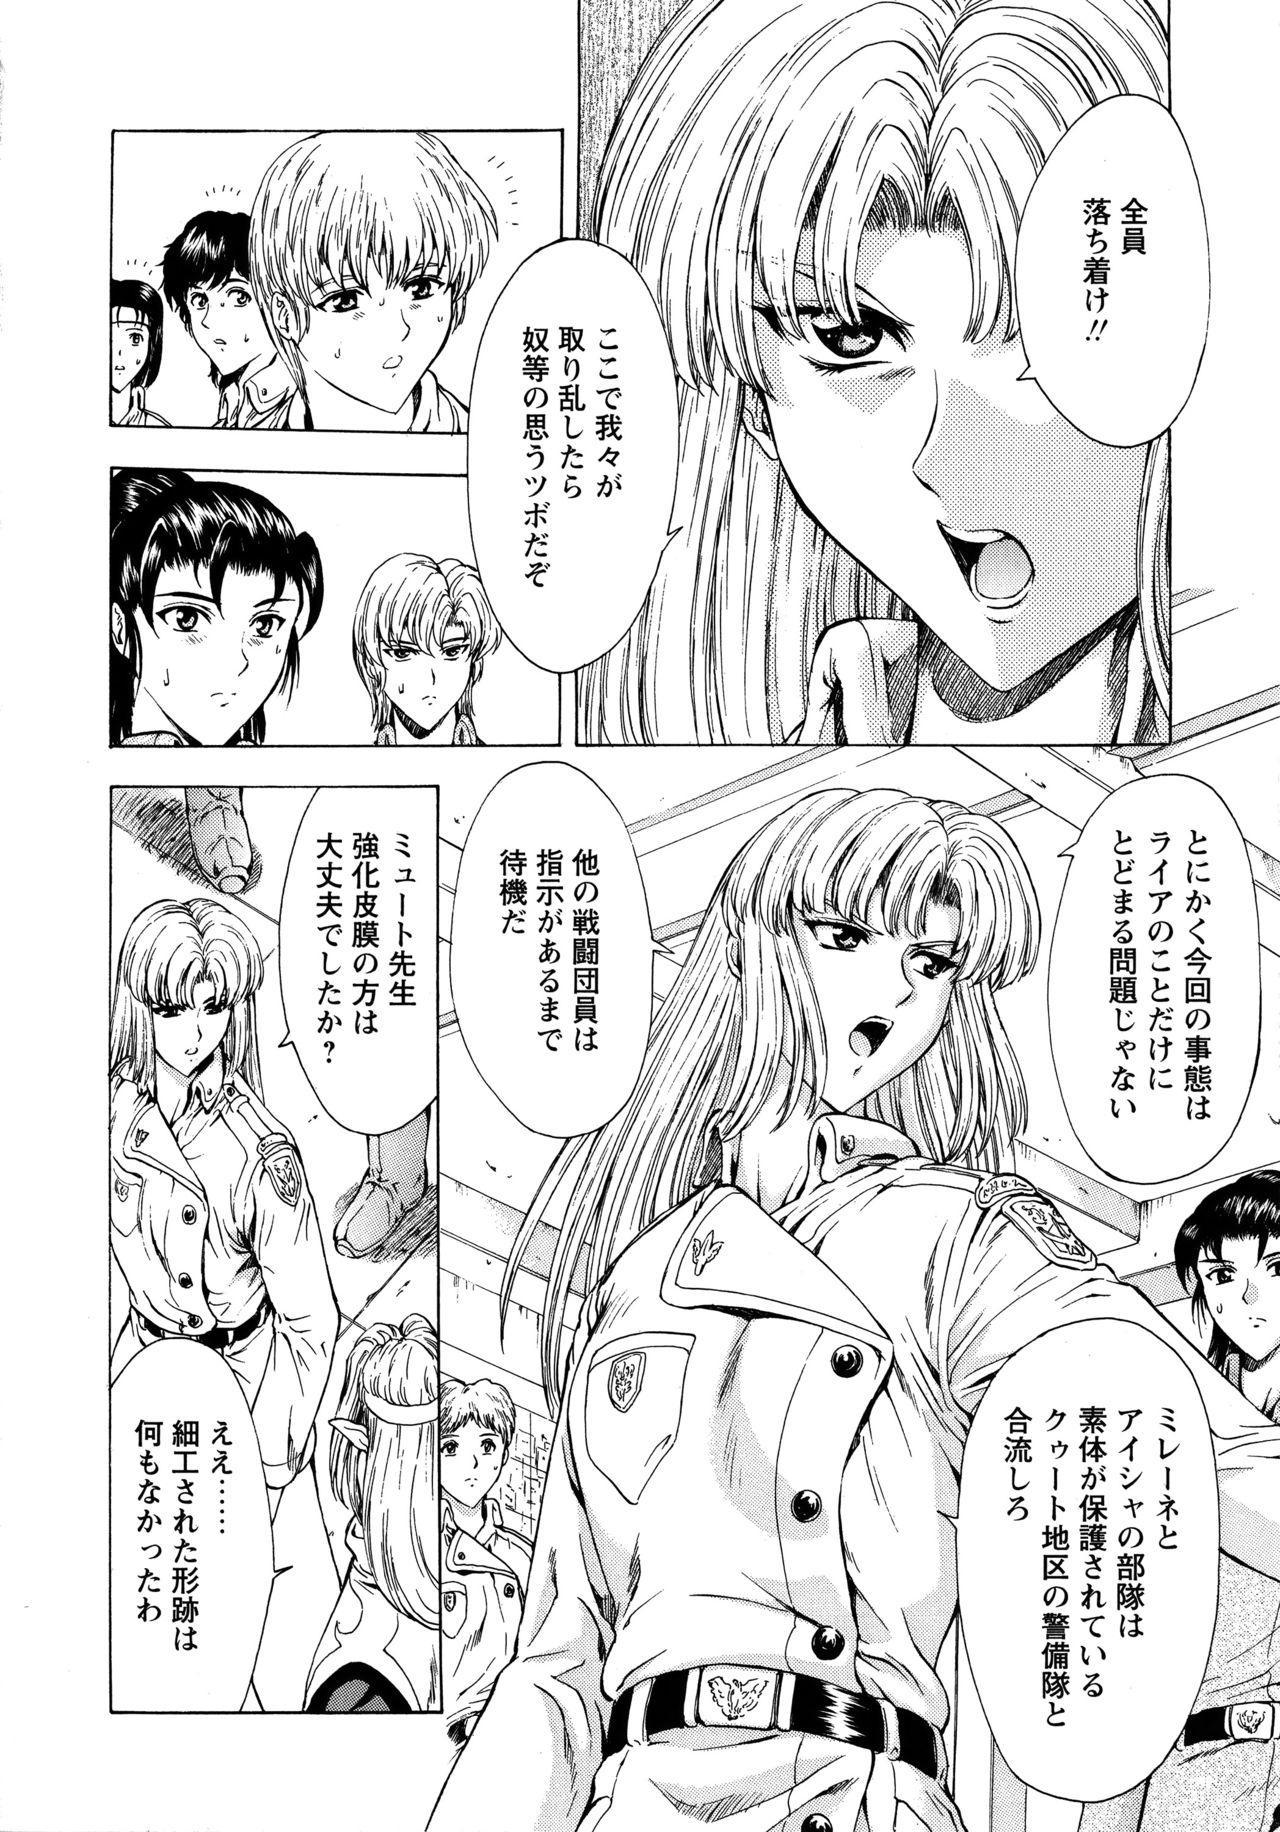 Ginryuu no Reimei Vol. 1 97